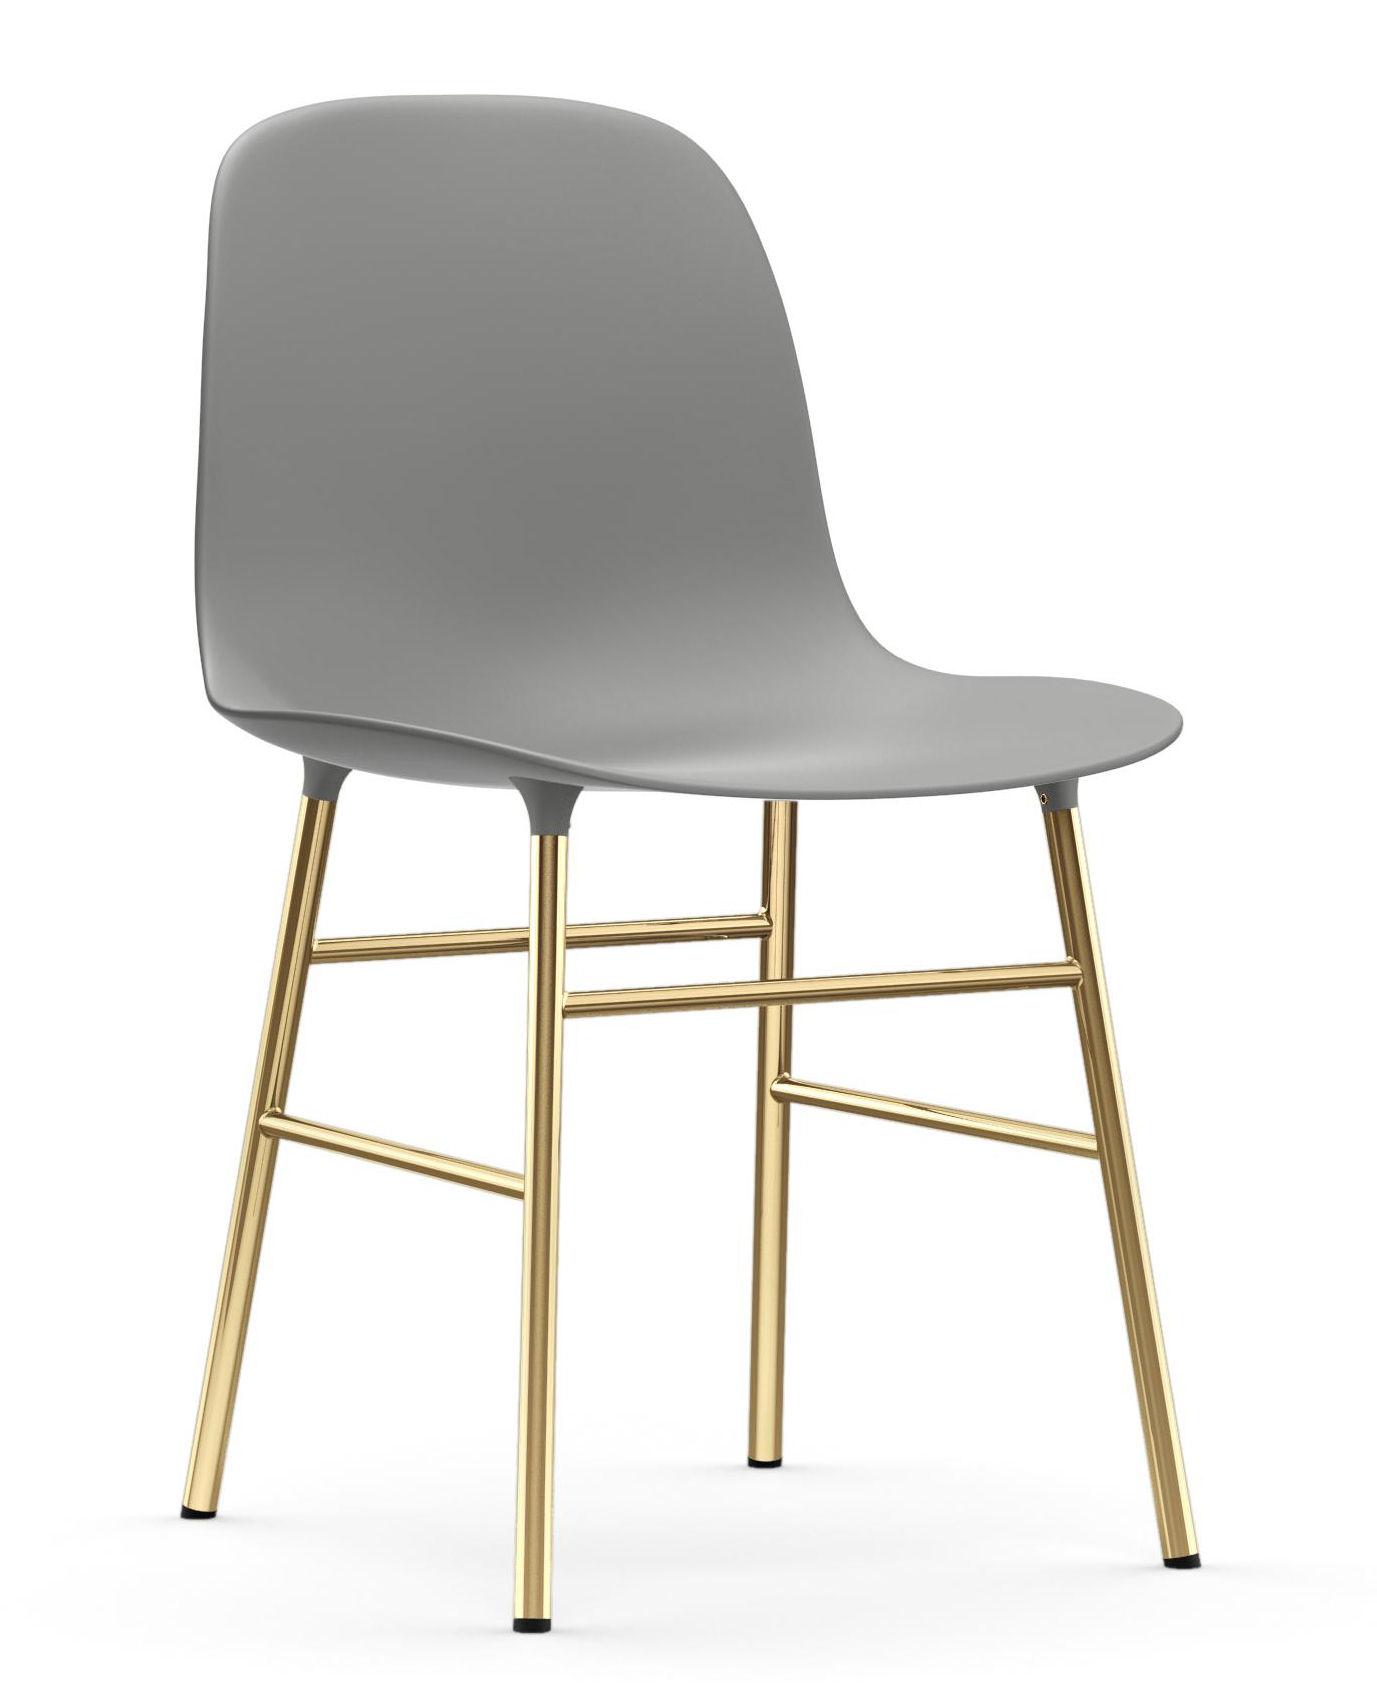 Mobilier - Chaises, fauteuils de salle à manger - Chaise Form / Pied laiton - Normann Copenhagen - Gris / Laiton - Acier plaqué laiton, Polypropylène